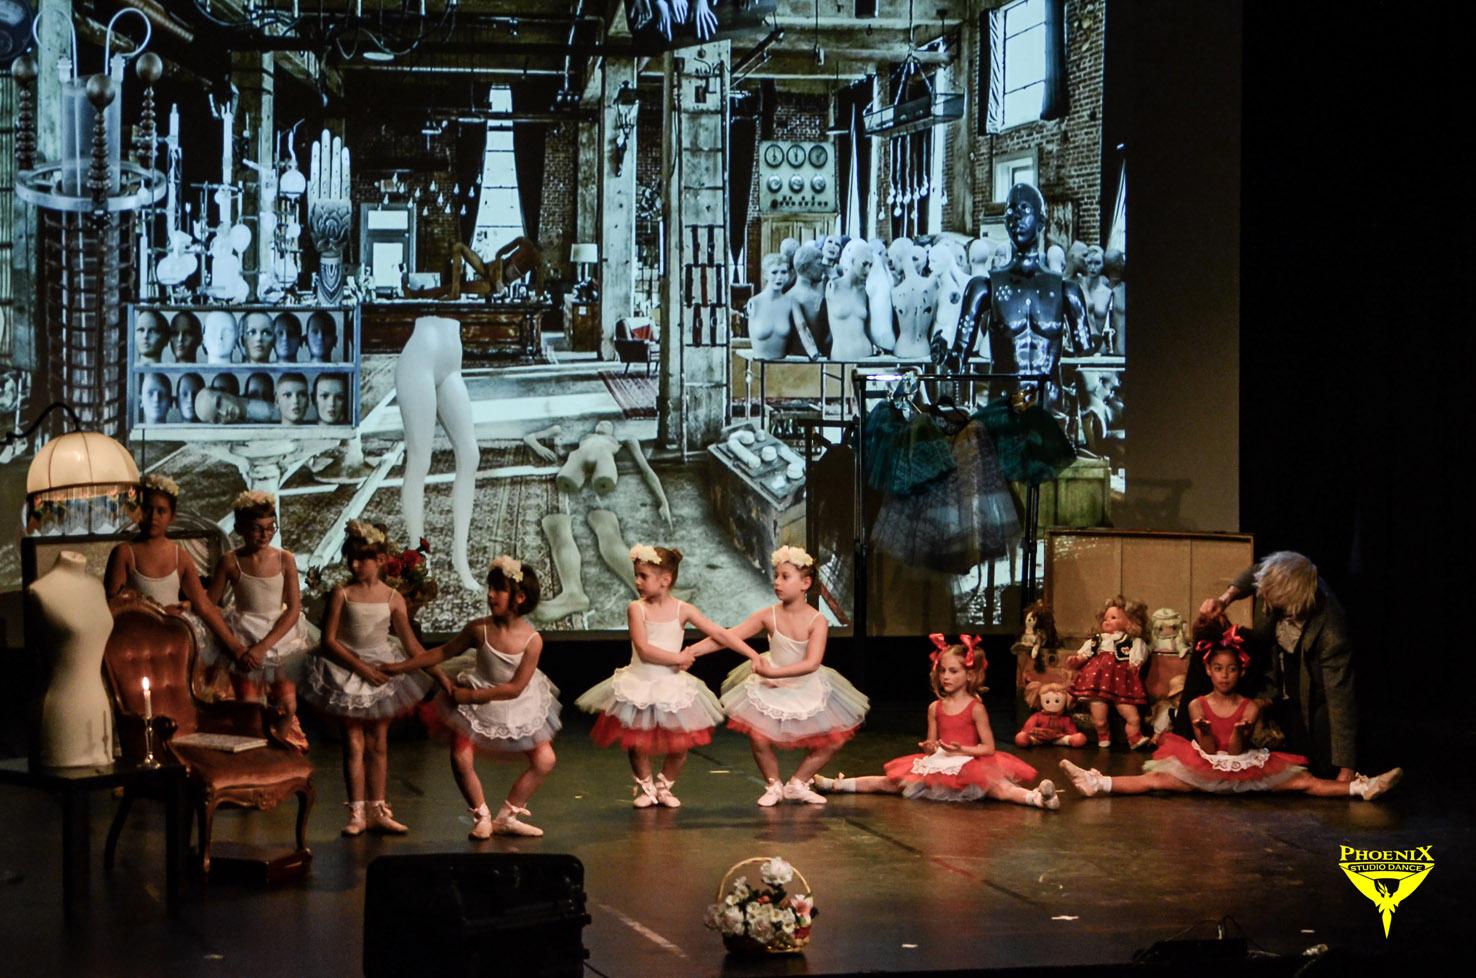 lezioni di danza classica per bambini a Milano Phoenix a.s.d.